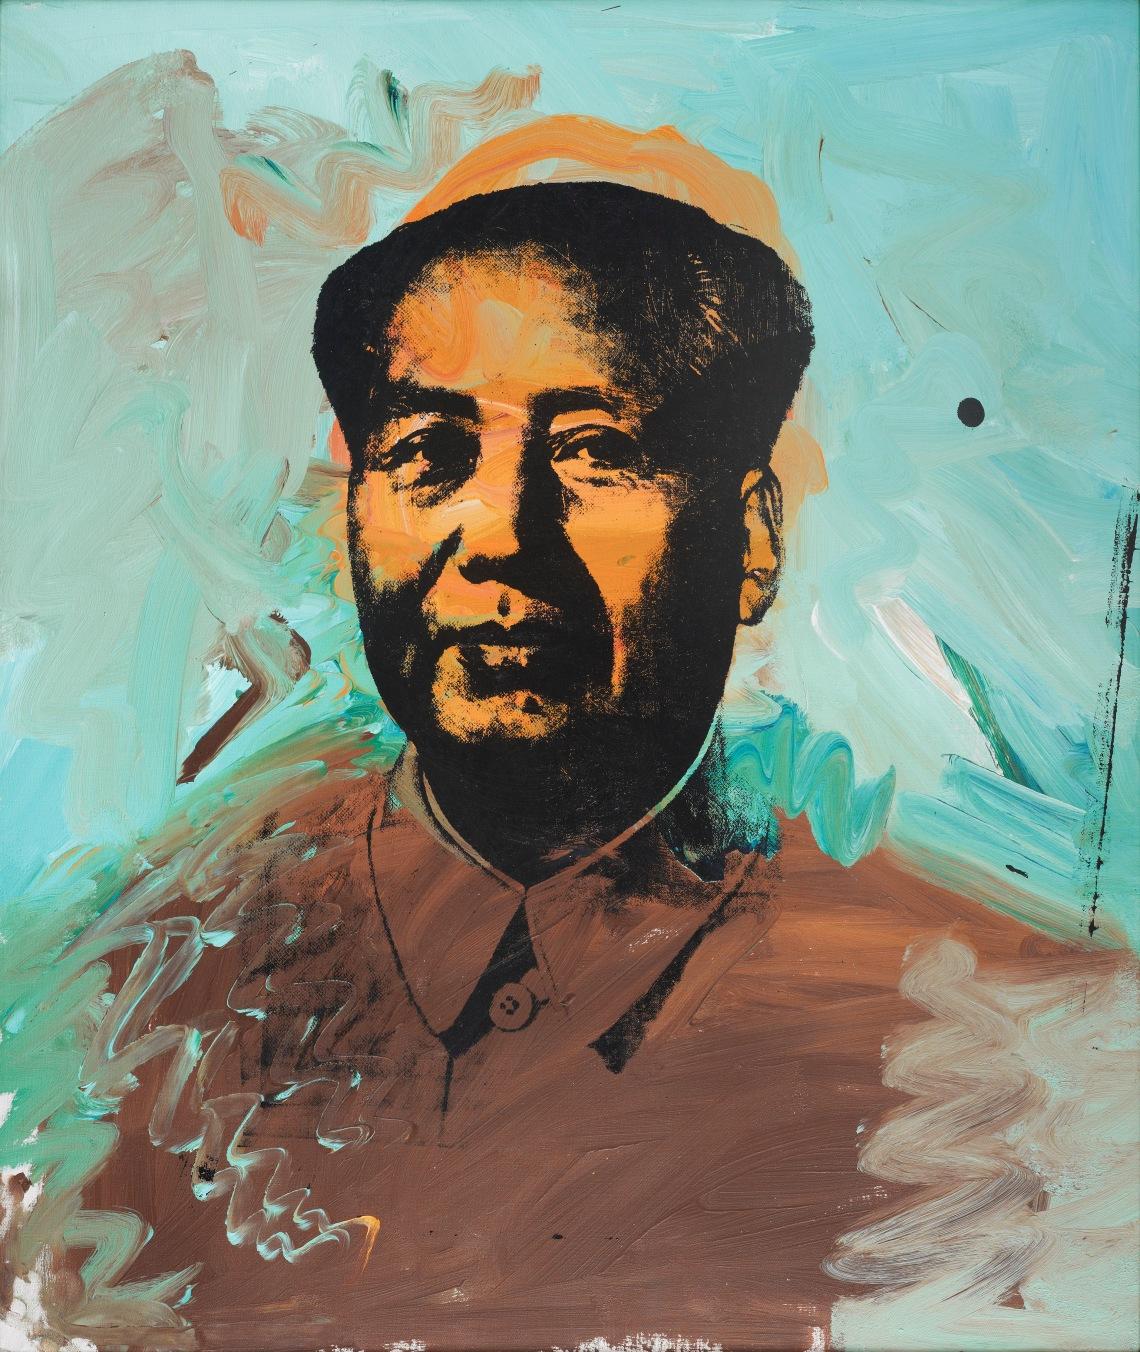 Mao, 1973, akril, vászon, szitanyomás, 127 × 107 cm, Fondation Carmignac, fotó: Thomas Hennocque